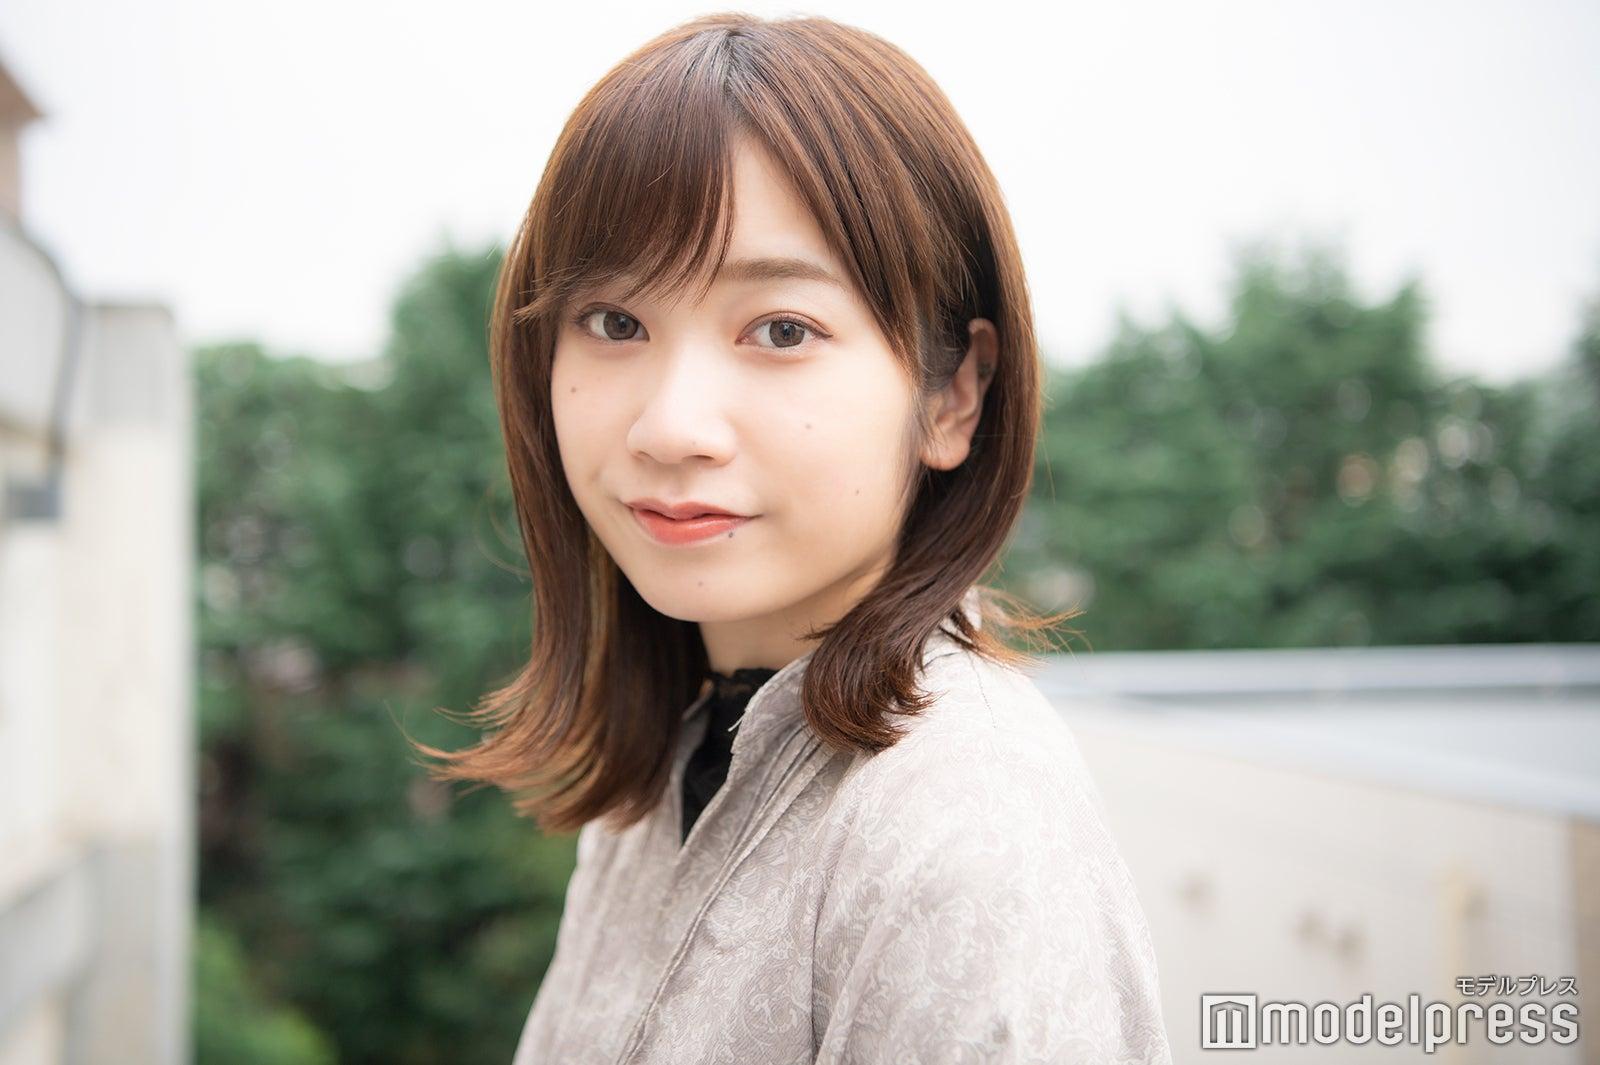 「美少女図鑑×モデルプレス 原石プロジェクト」透明感溢れる ...